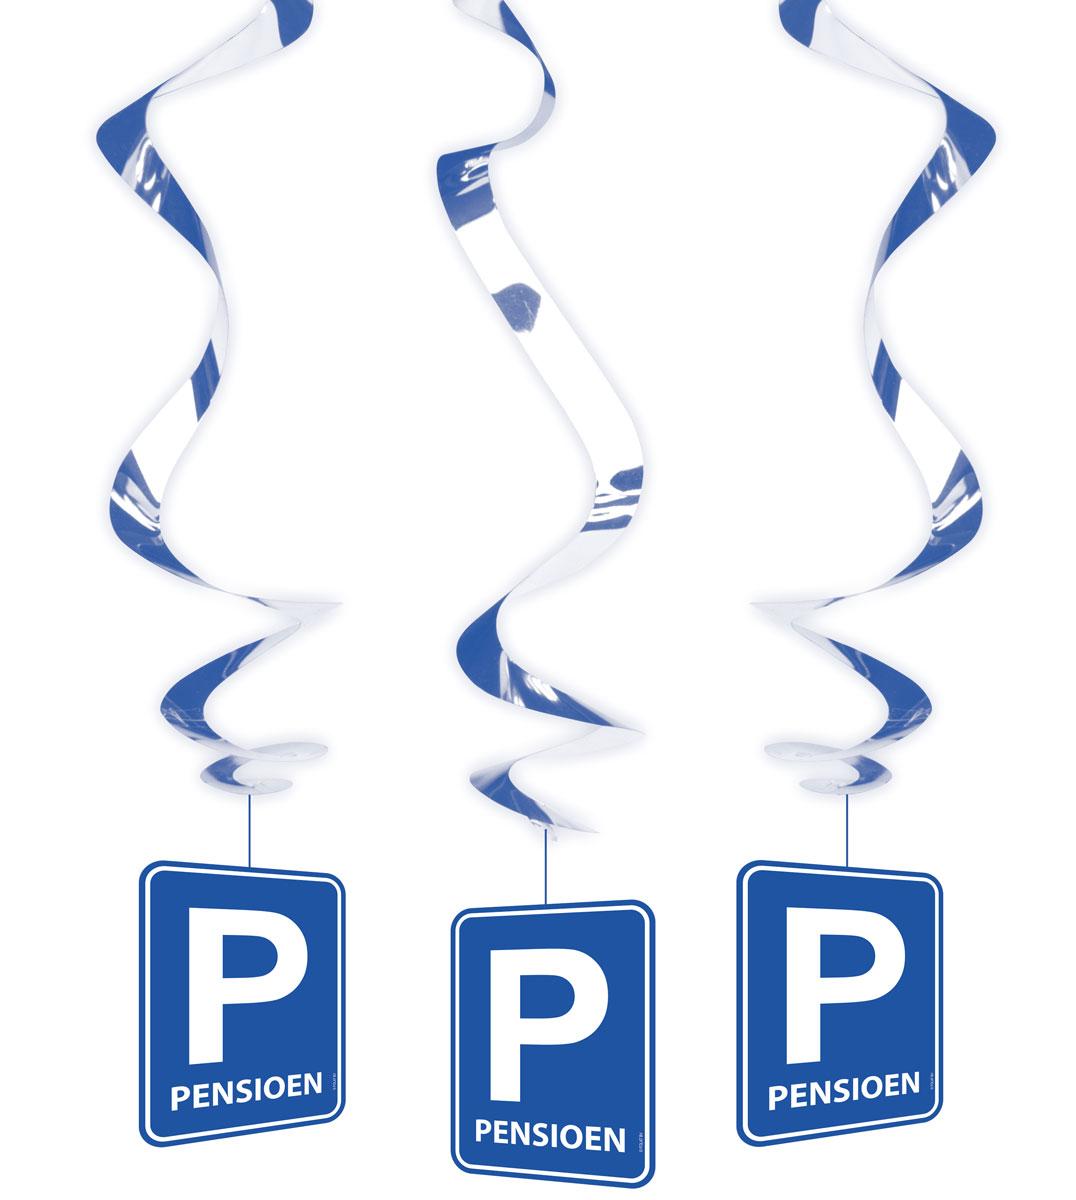 Pensioen Parkeerbord Hangdecoratie Spiraal - 3 stuks